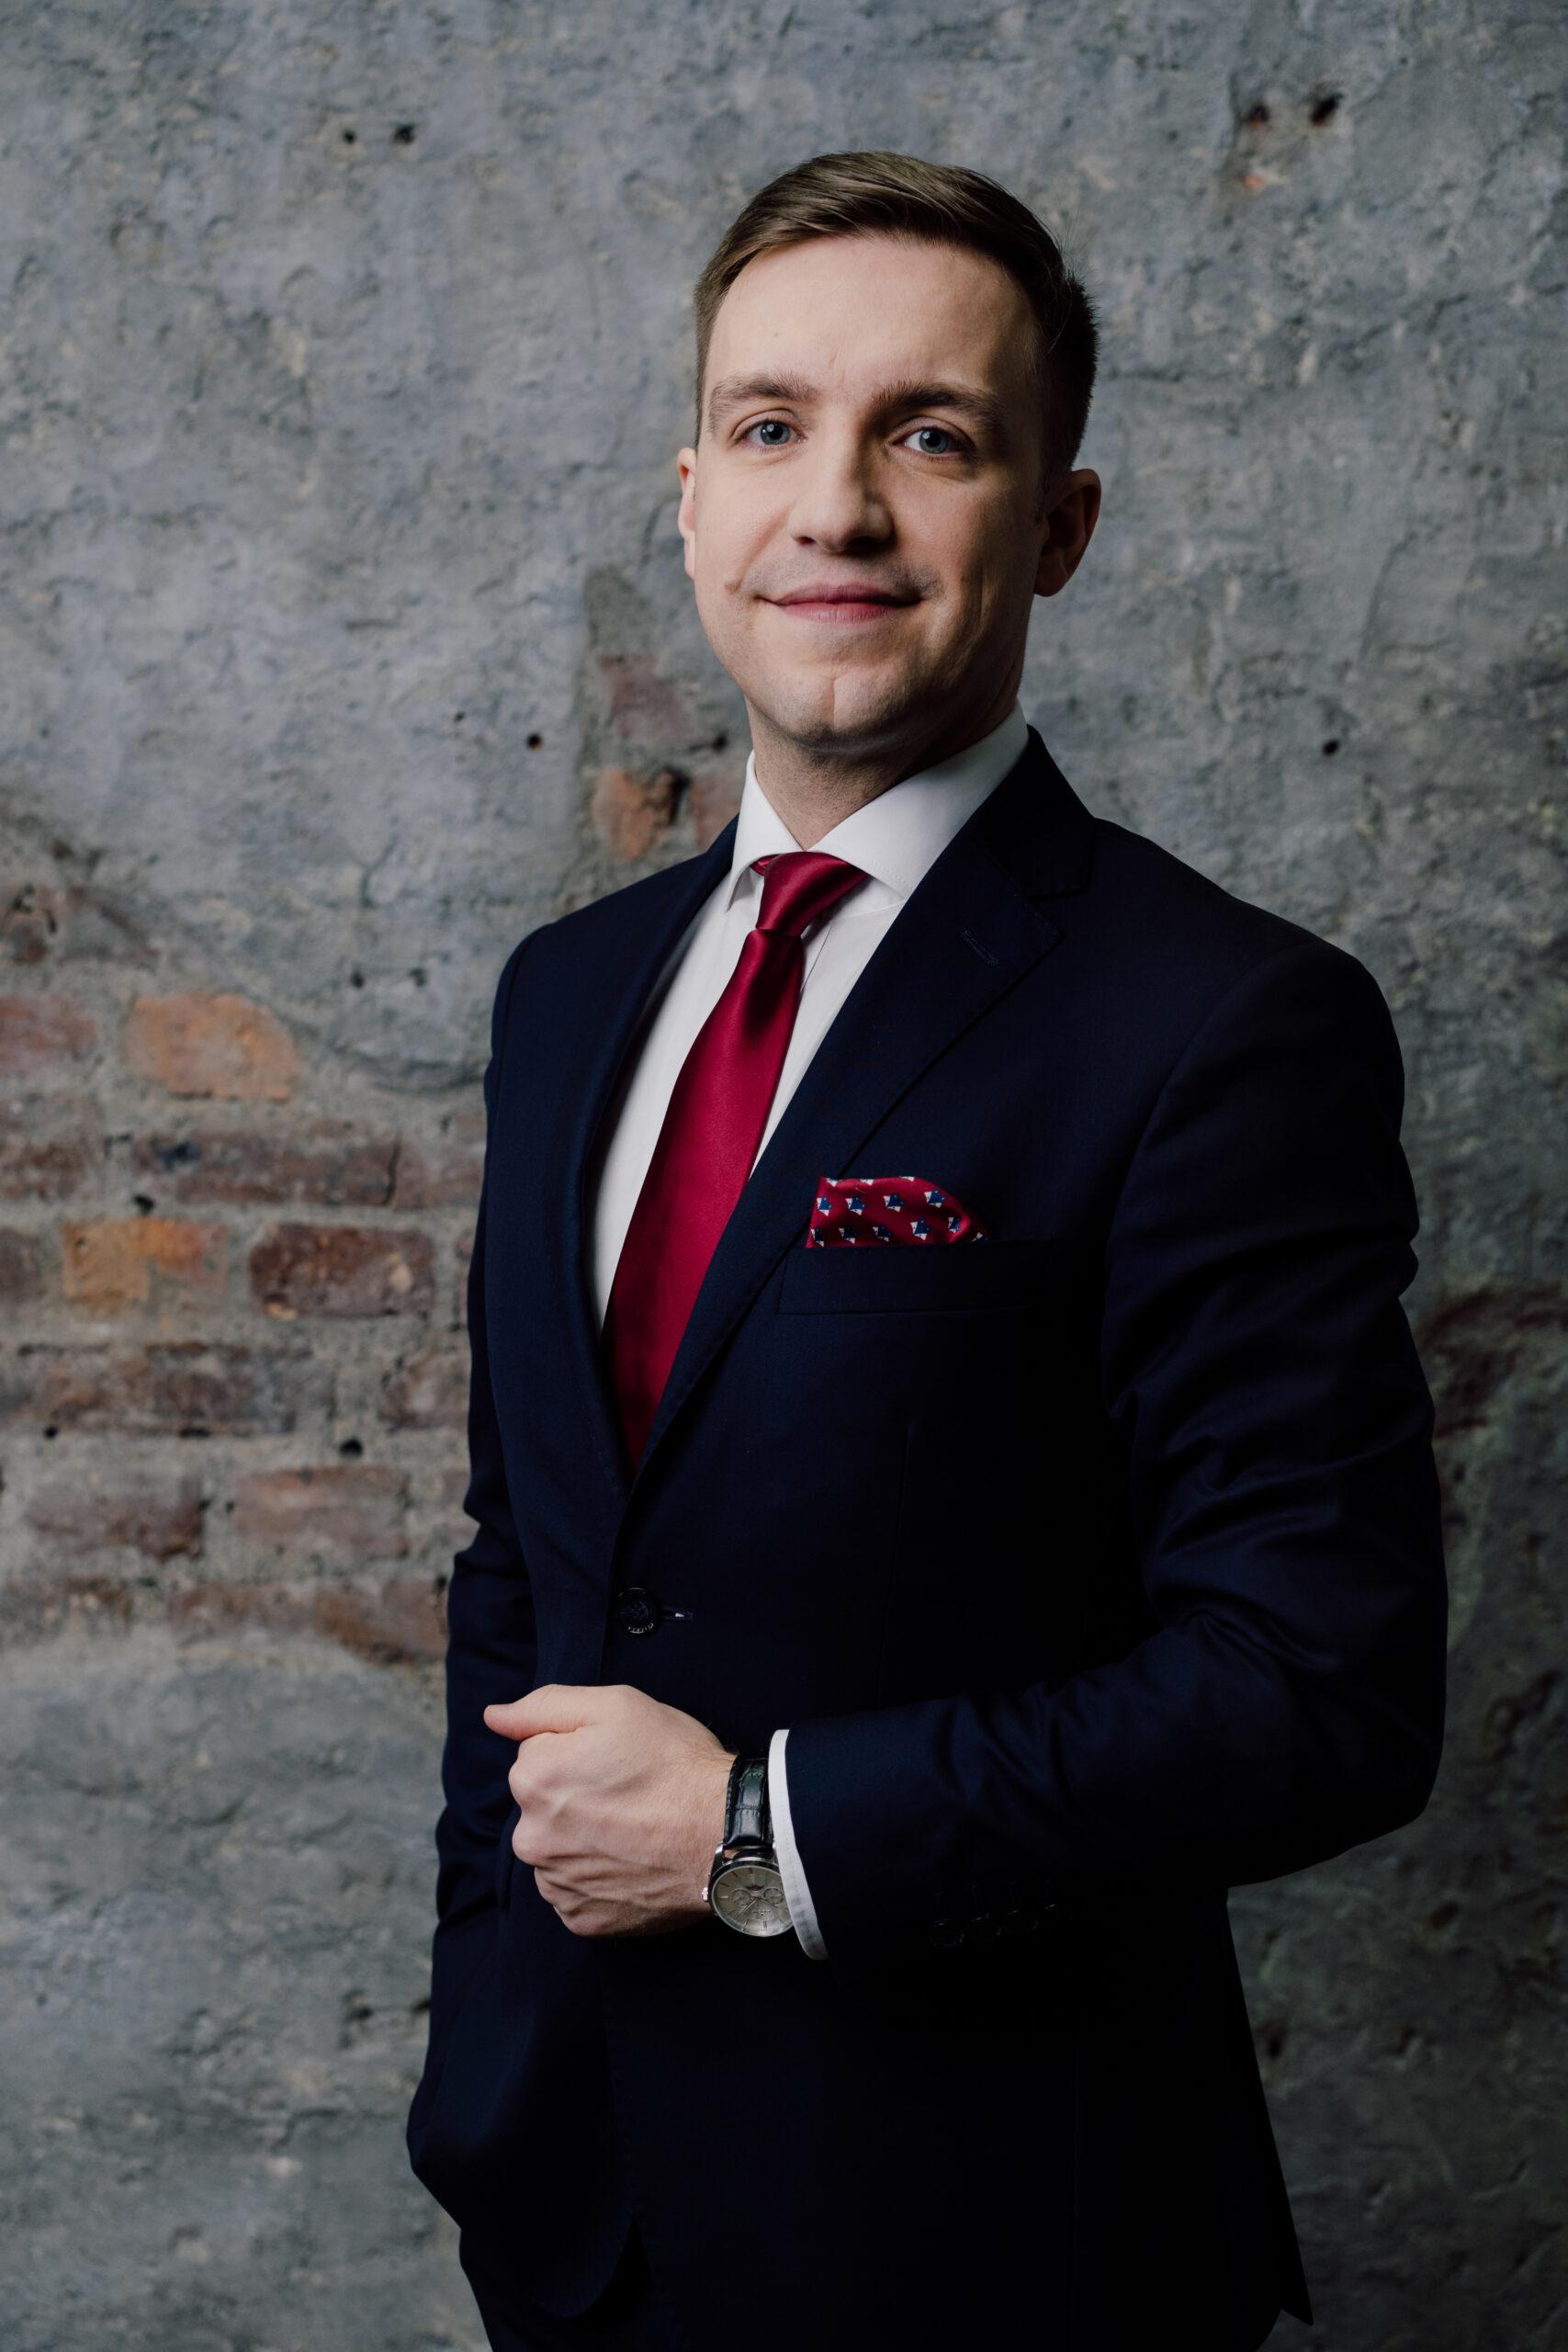 Bartosz Szaleniec